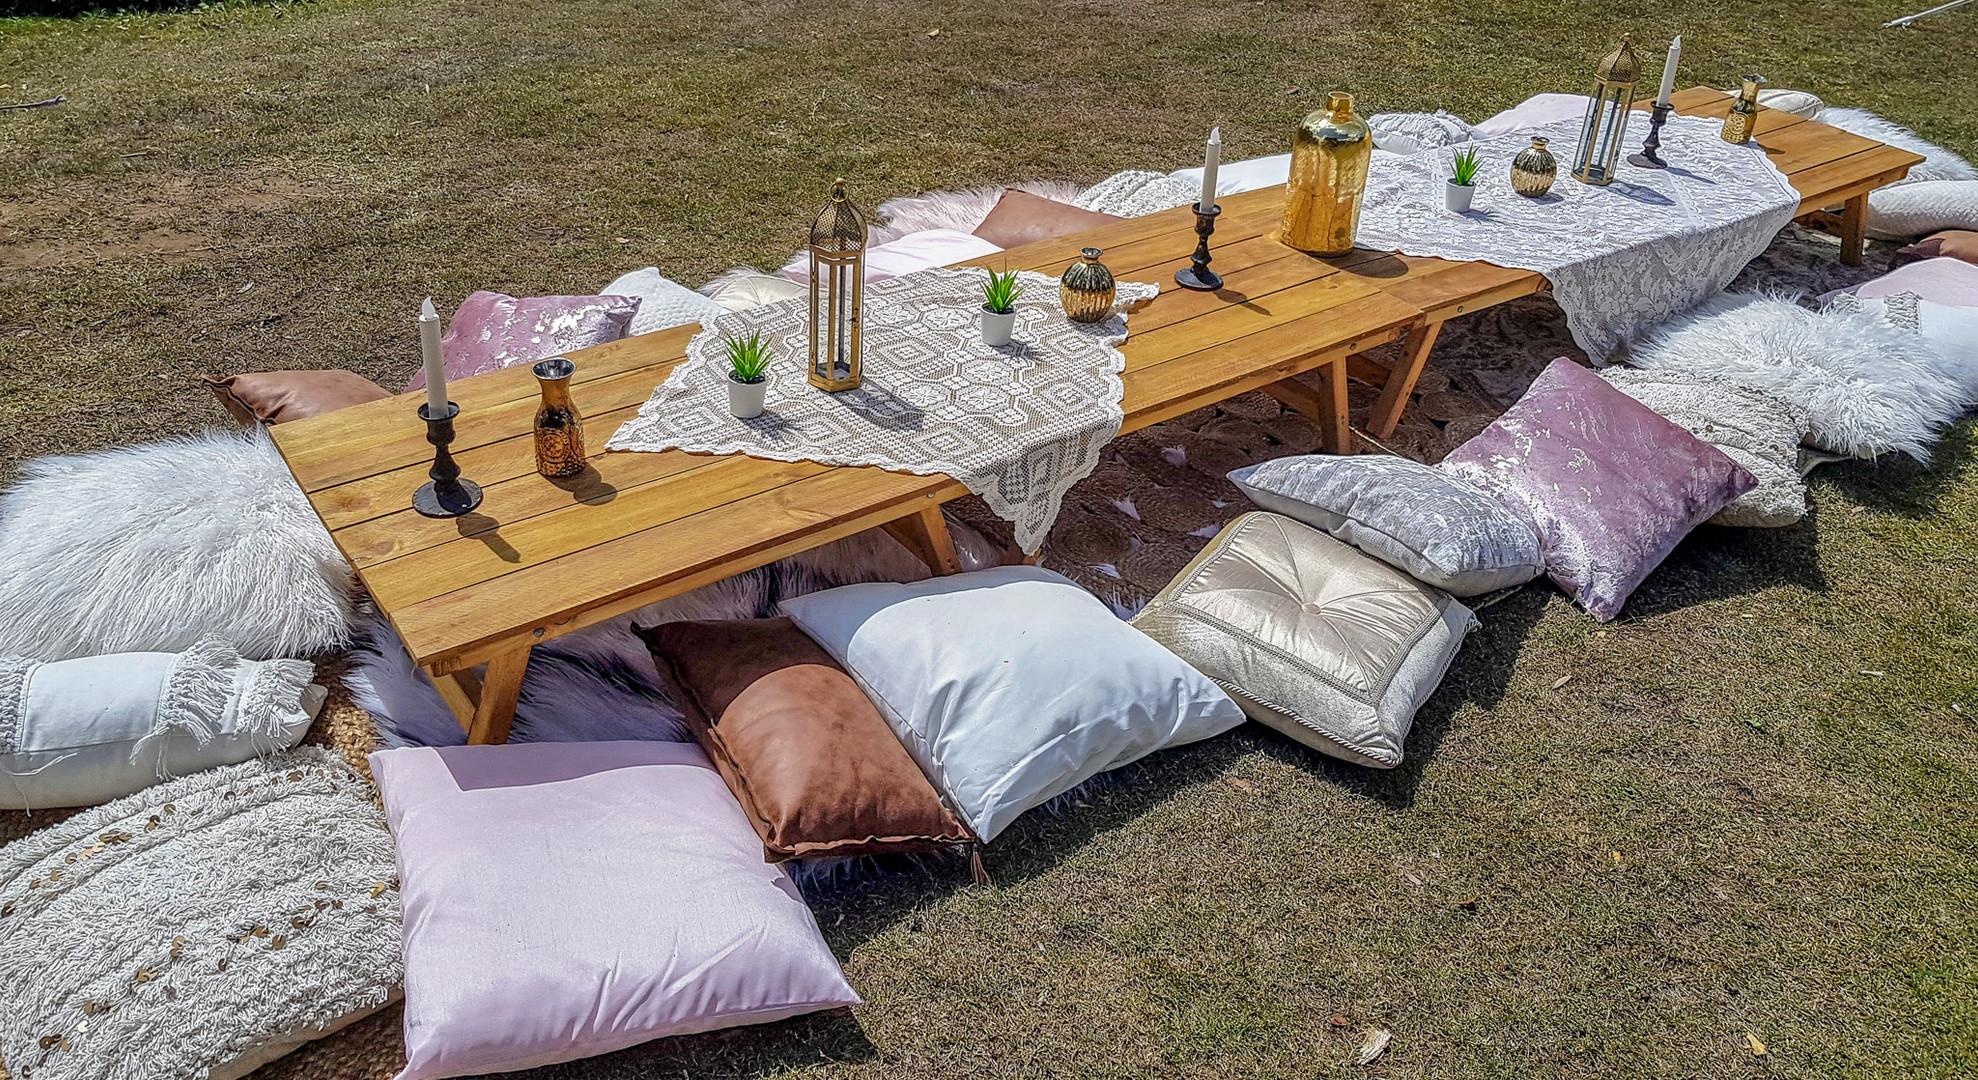 Boho picnic setup for 25